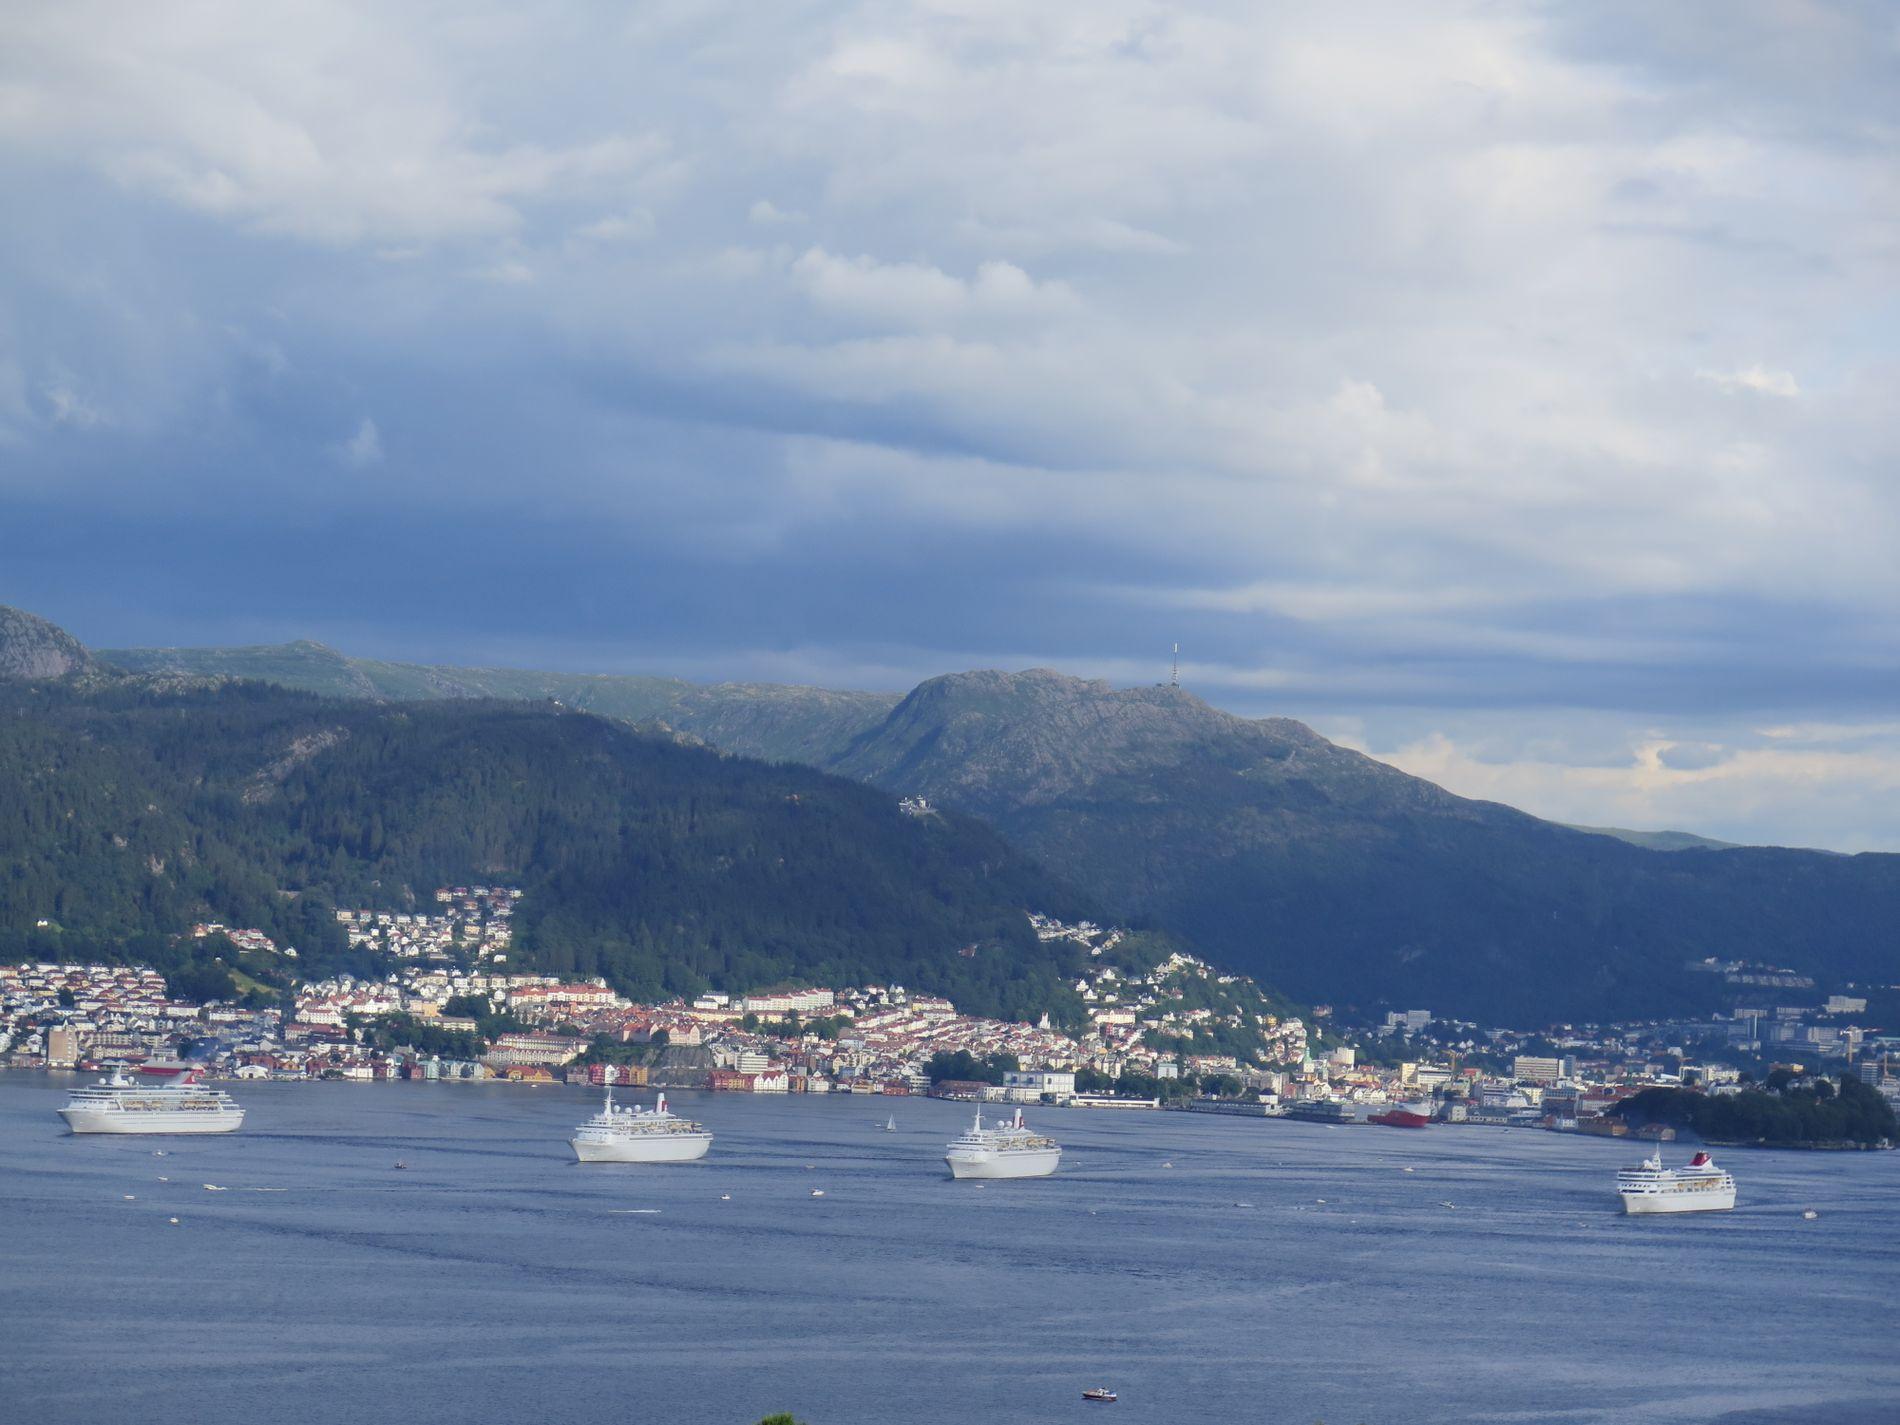 BEGEISTREDE: Det var mange fornøyde skuelystne til de fire cruiseskipene til Fred. Olsen Cruise Lines, da de koordinert og ved siden av hverandre, seilte ut fjorden tirsdag kveld.